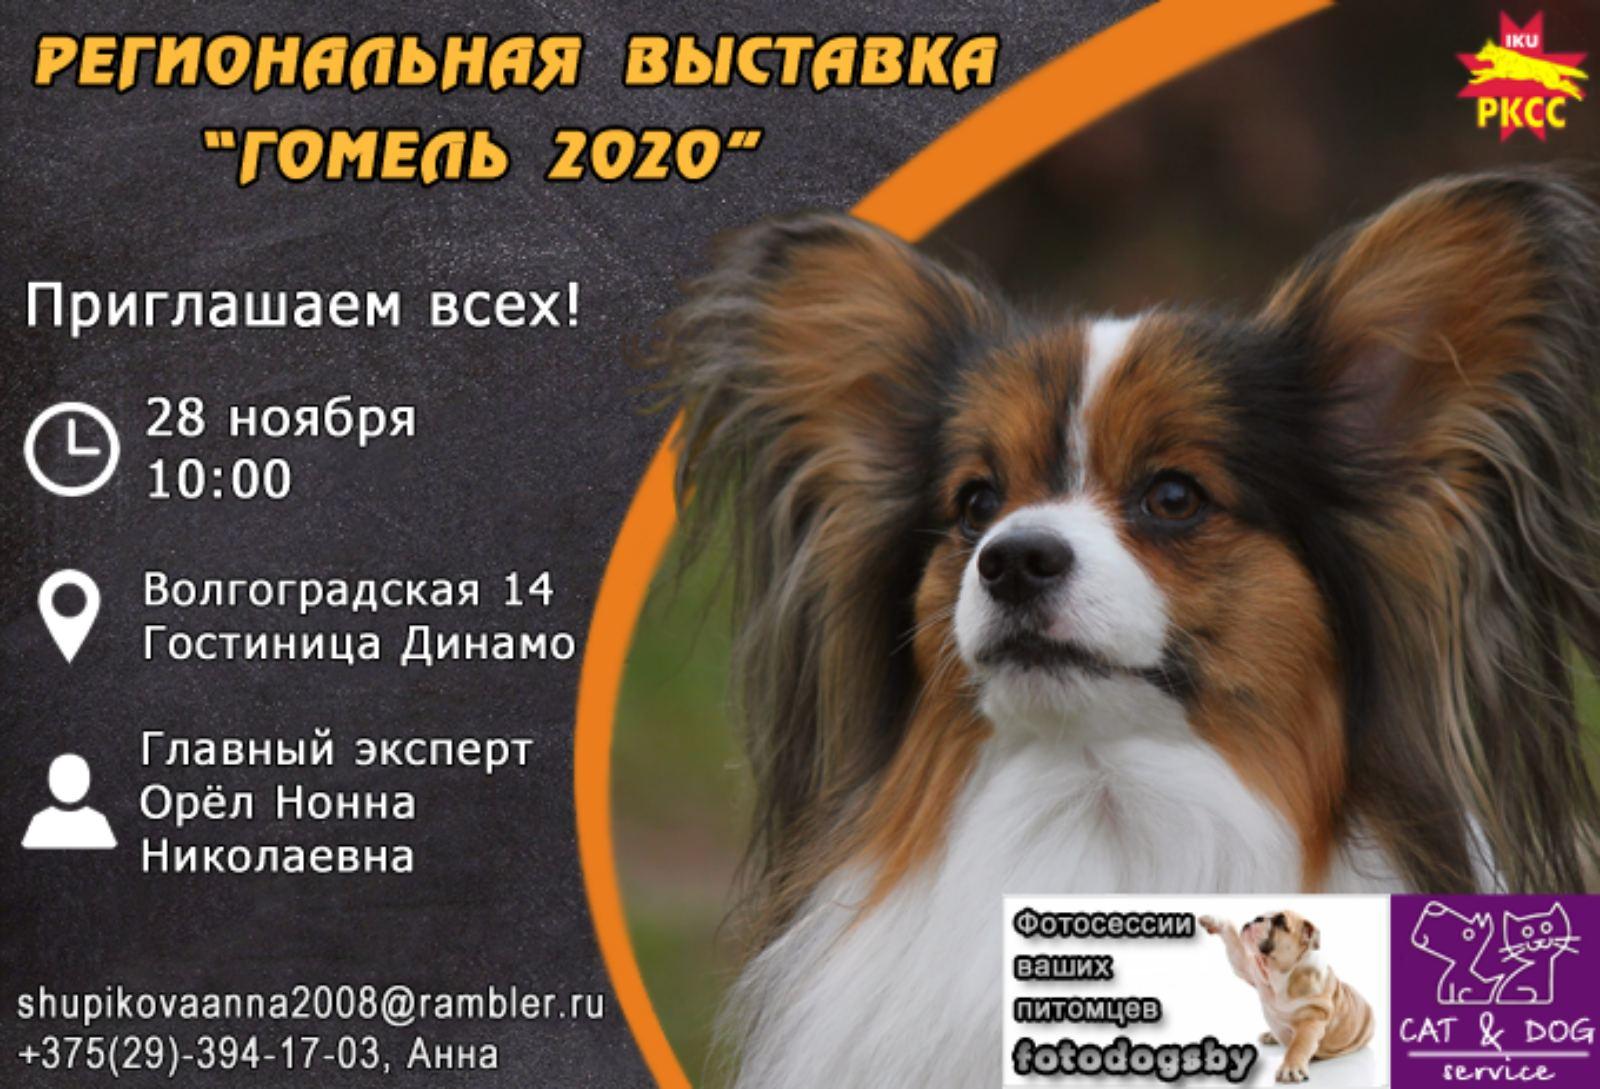 Выставка собак в Гомеле 2020